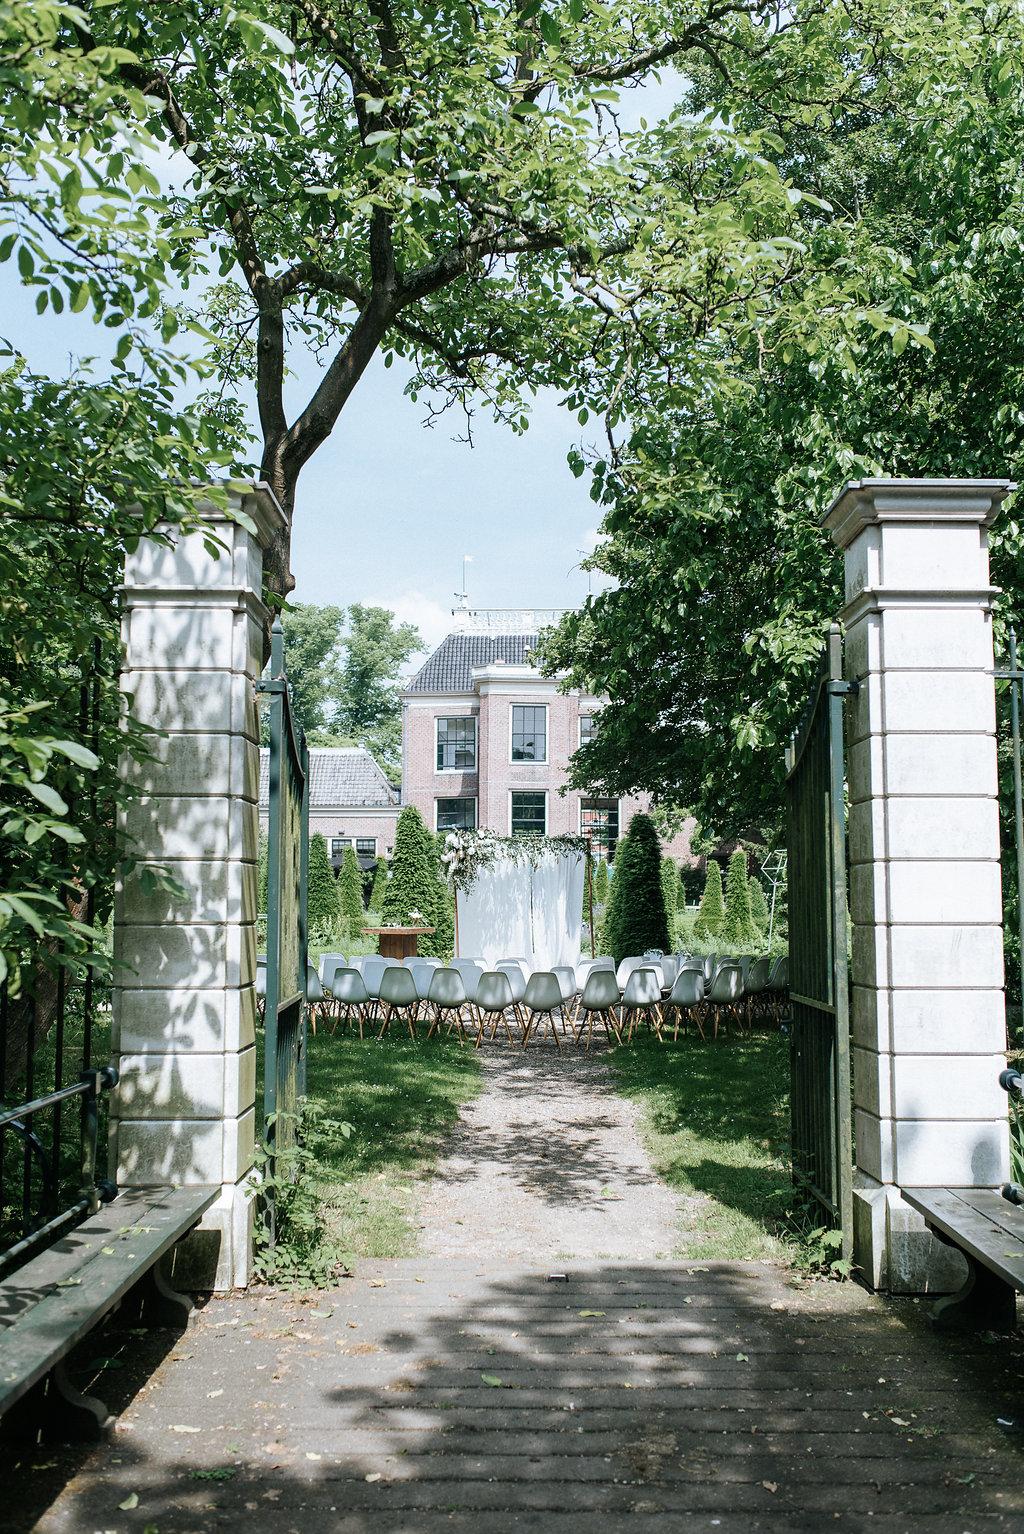 Wedding in Amsterdam: Industrial Garden Chic